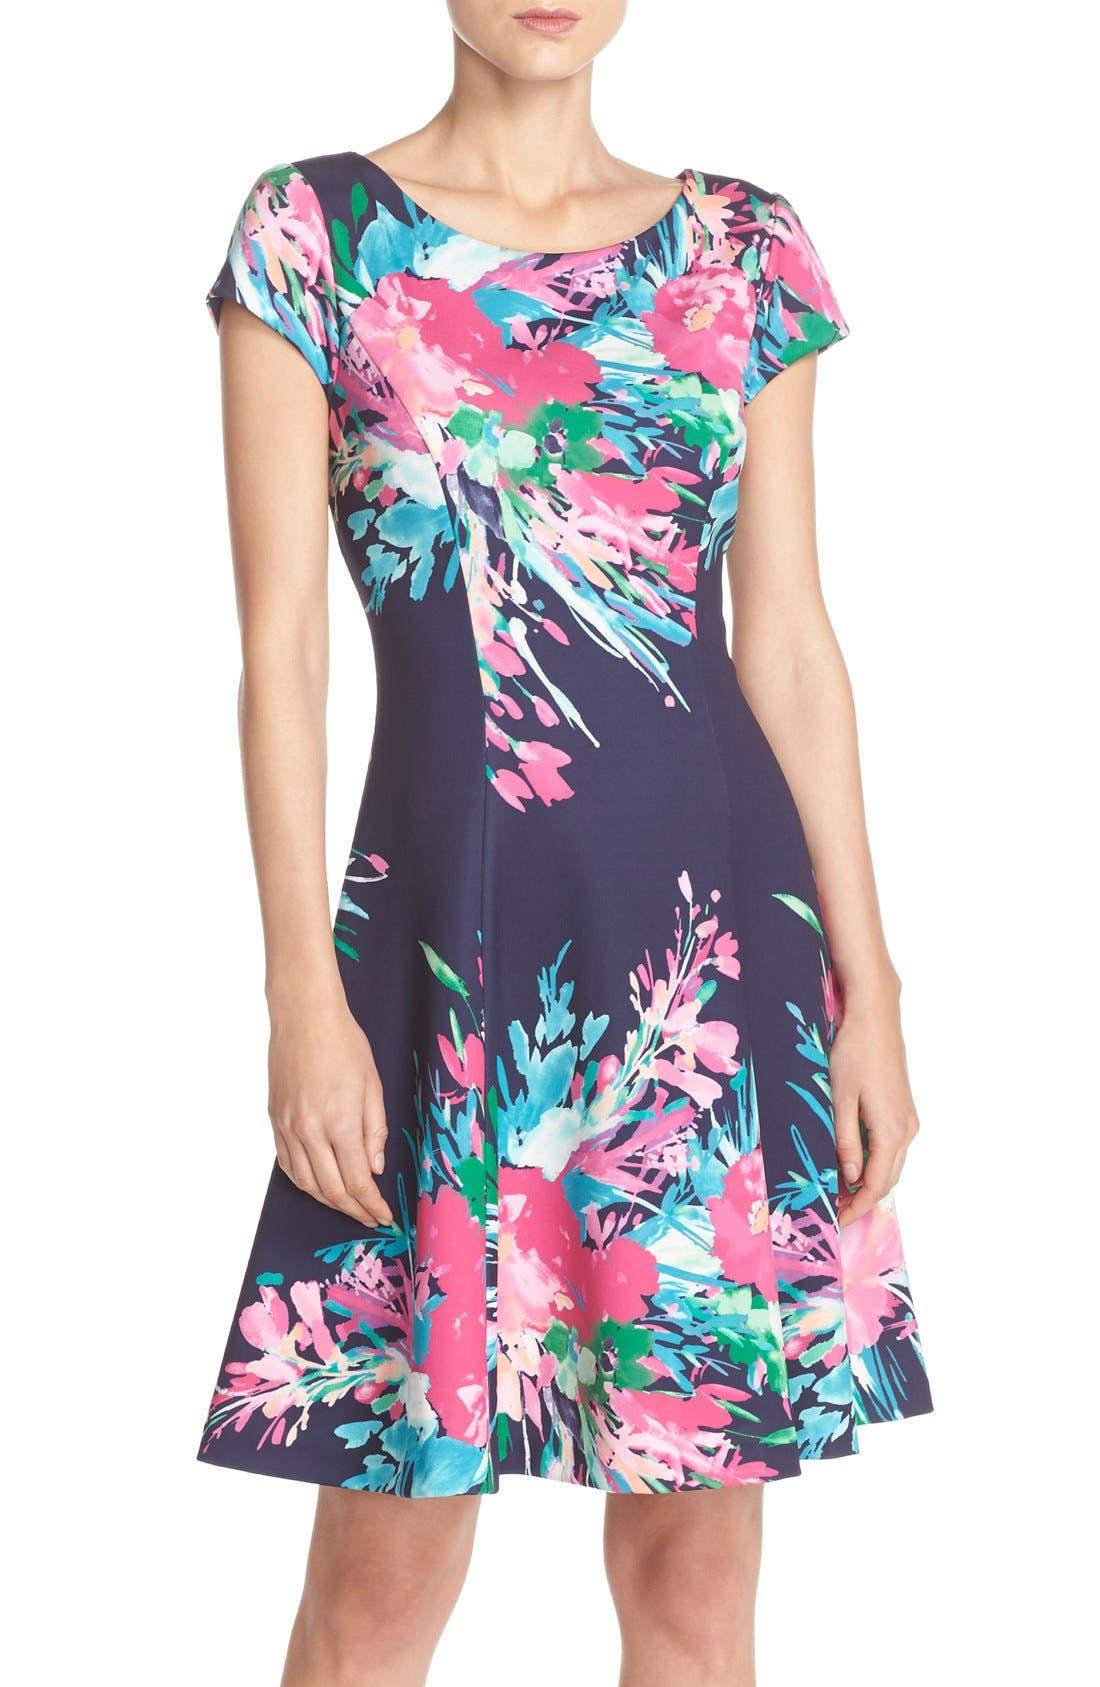 ELIZA J, Floral Print Scuba Fit & Flare Dress, Main thumbnail 1, color, 470